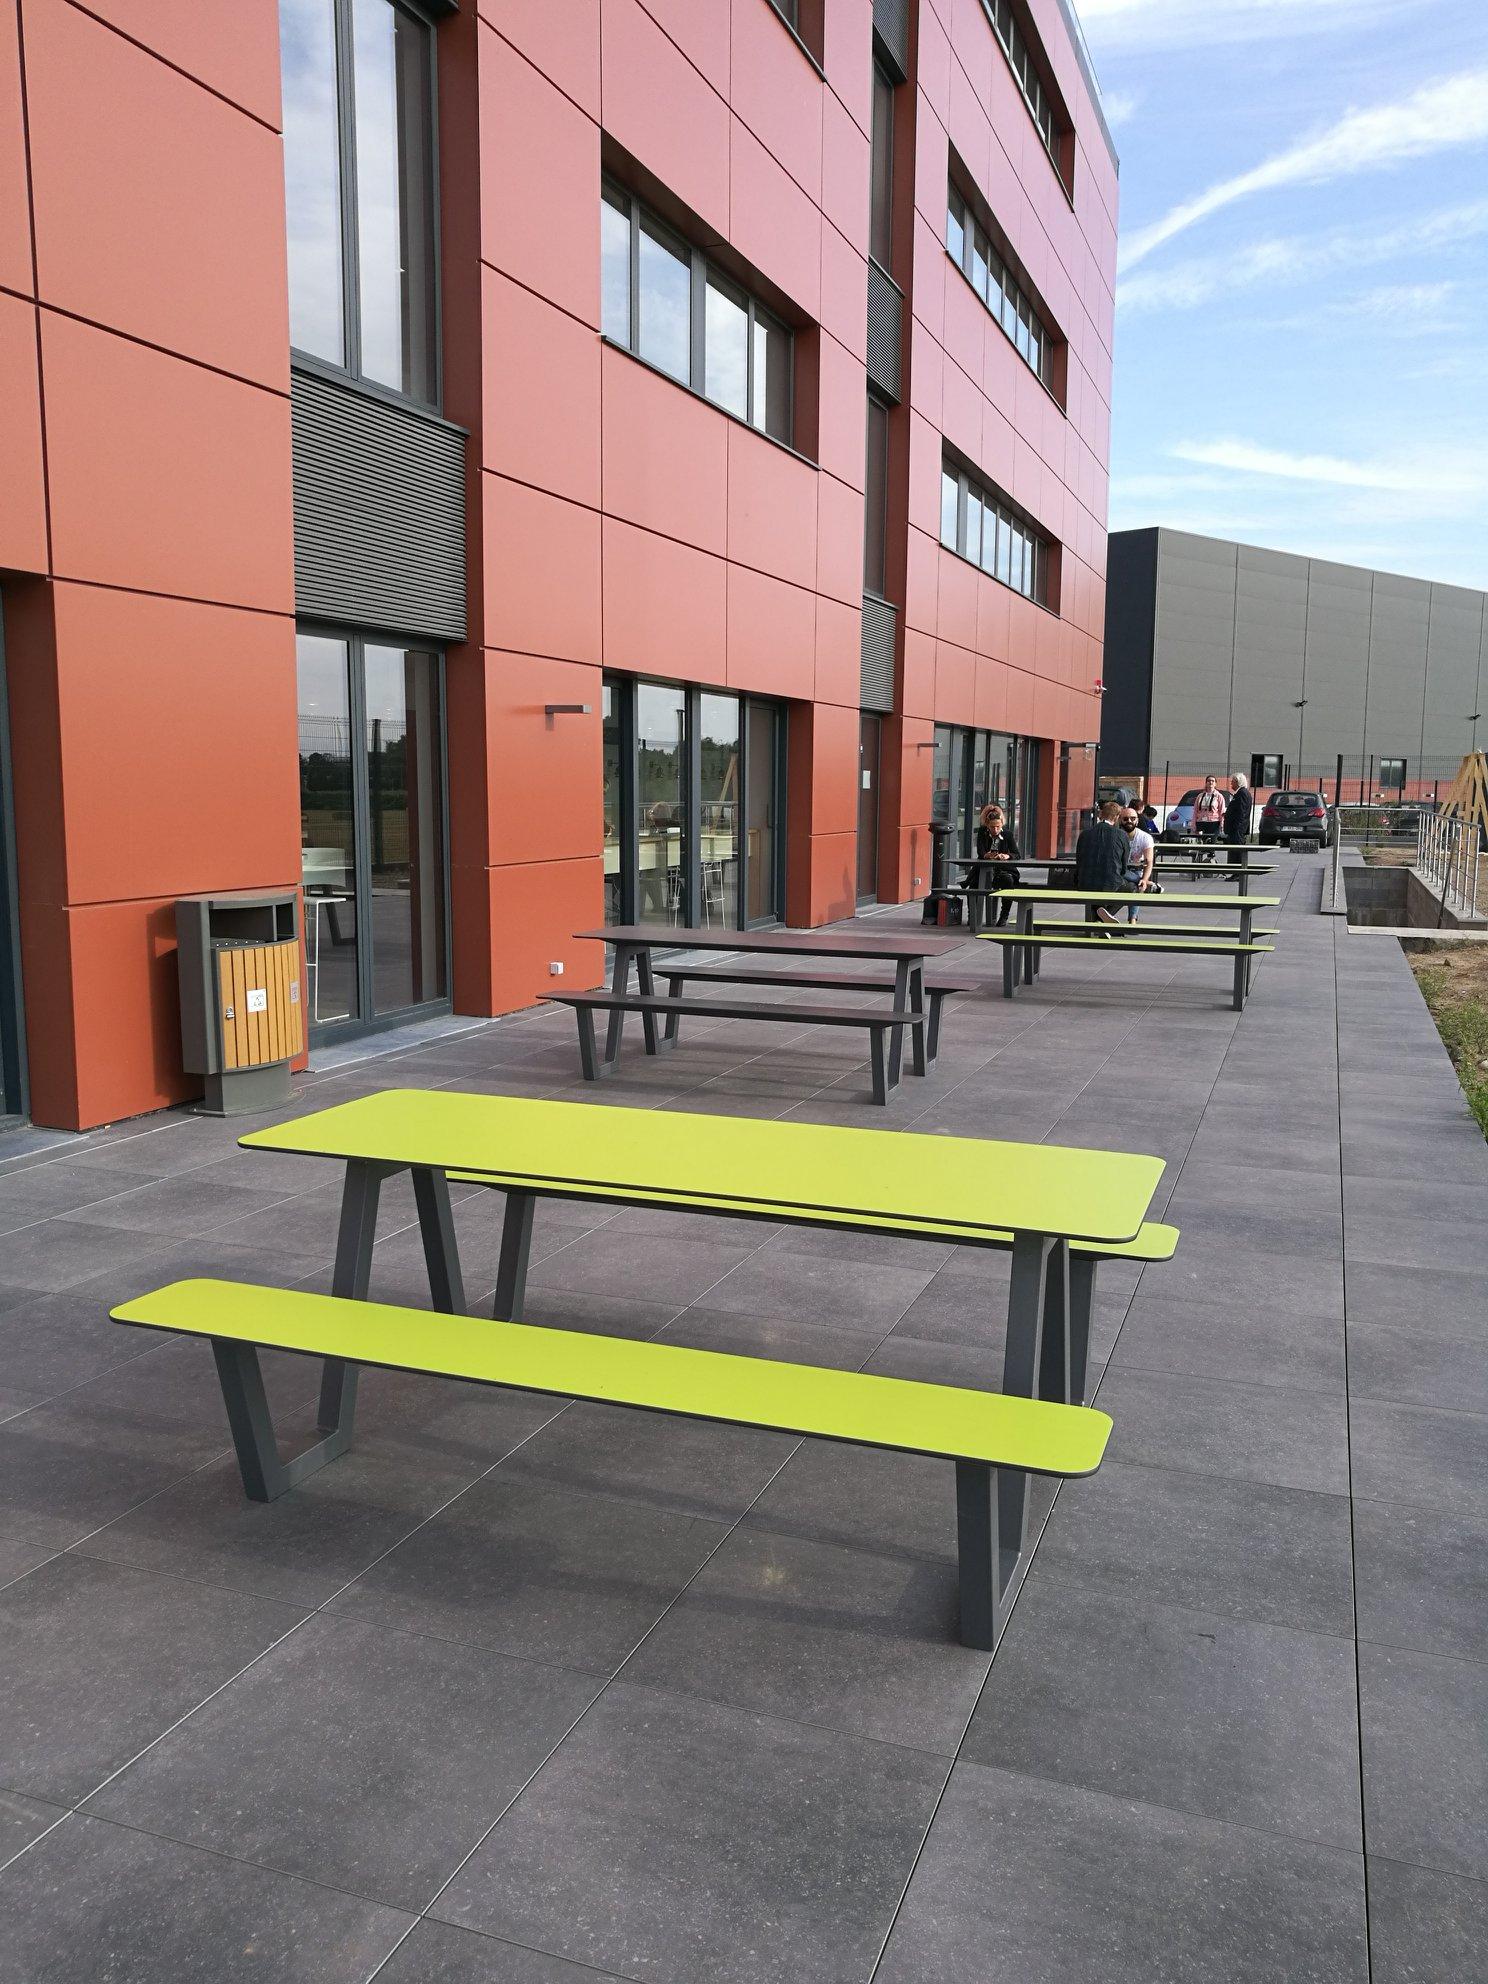 Picnic HPL picknicktafel perfect voor scholen